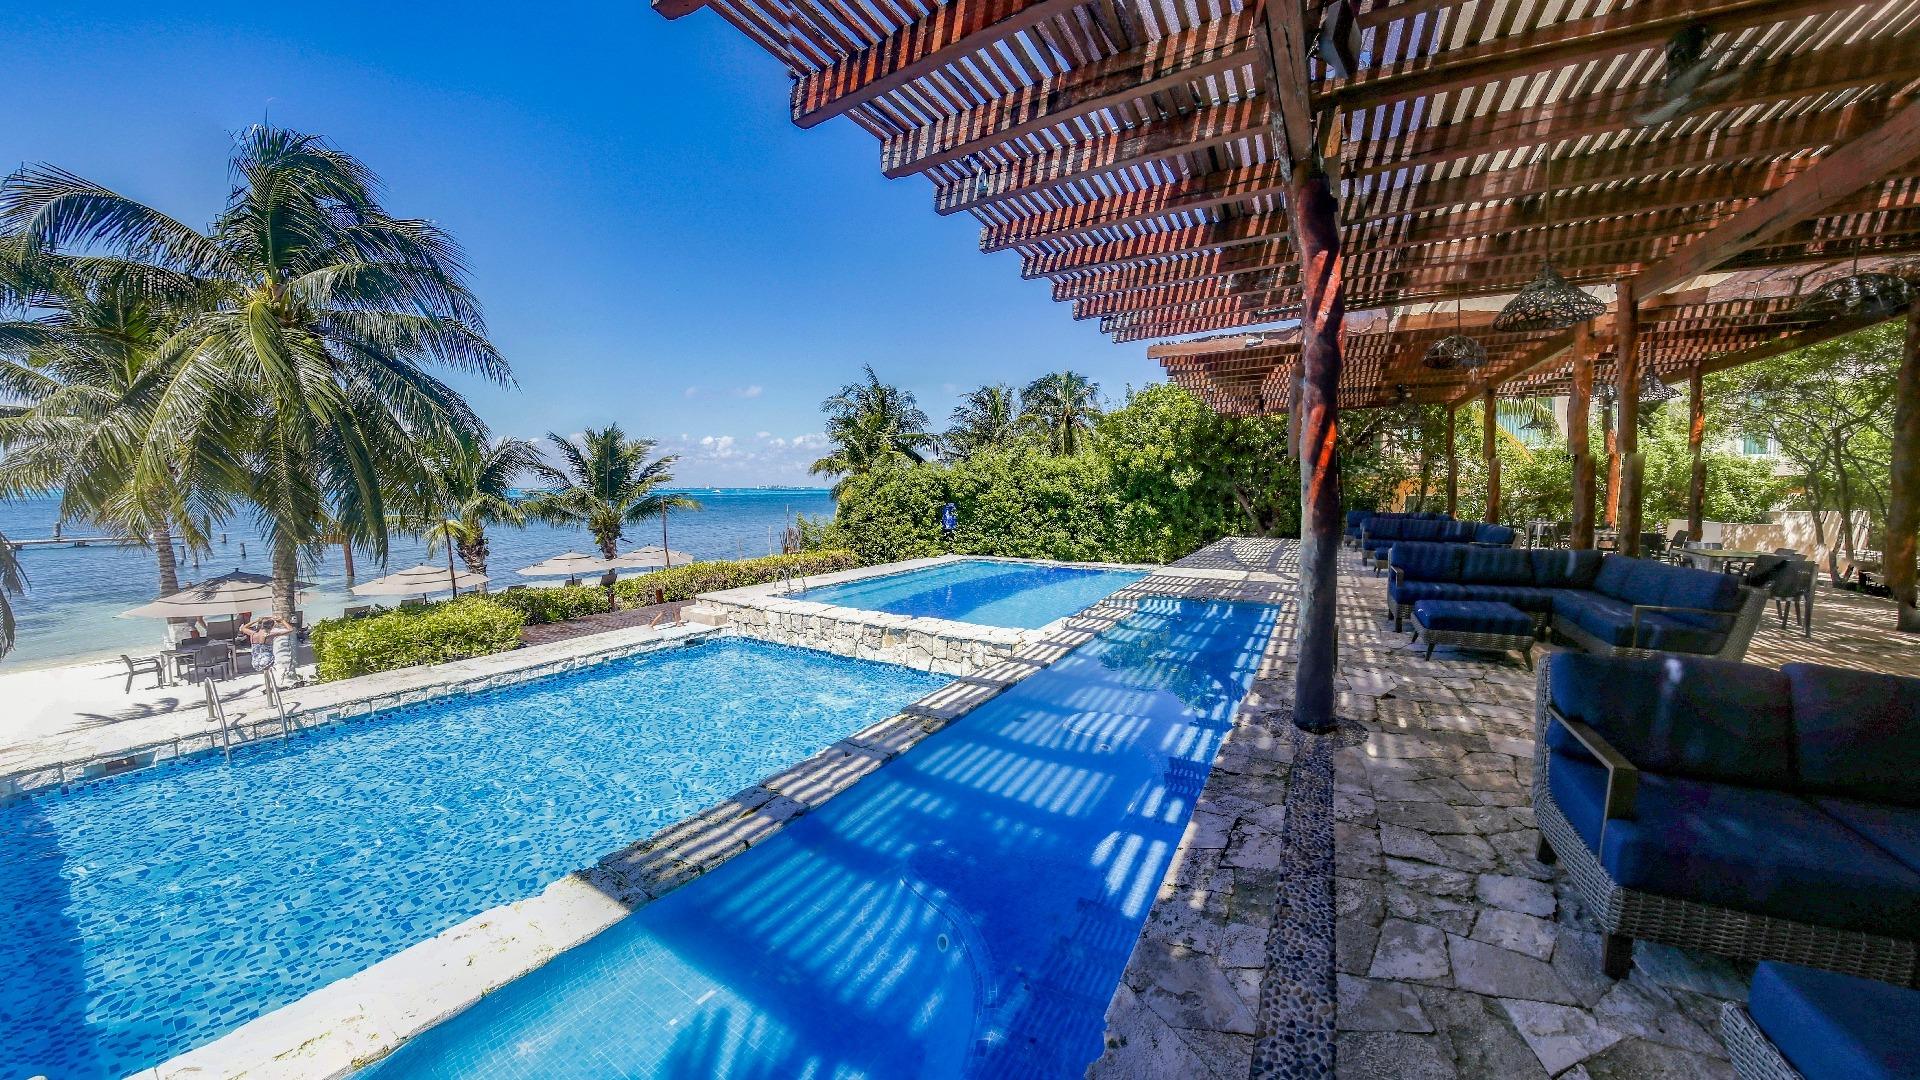 Zama Beach Club - Isla Mujeres - 13